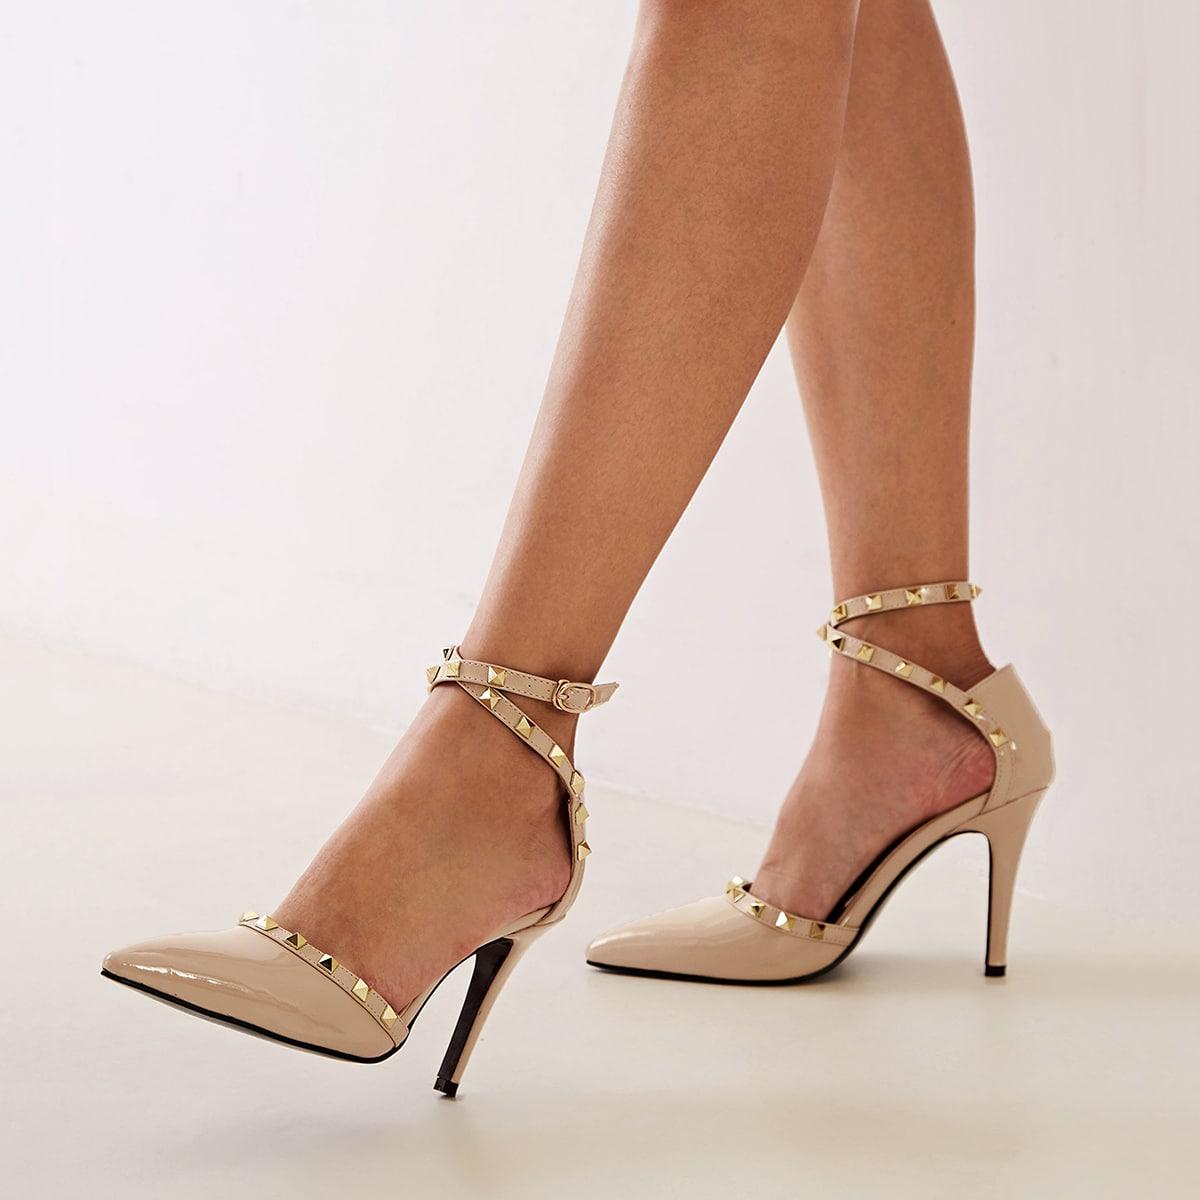 Остроконечные туфли на шпильках с заклепками